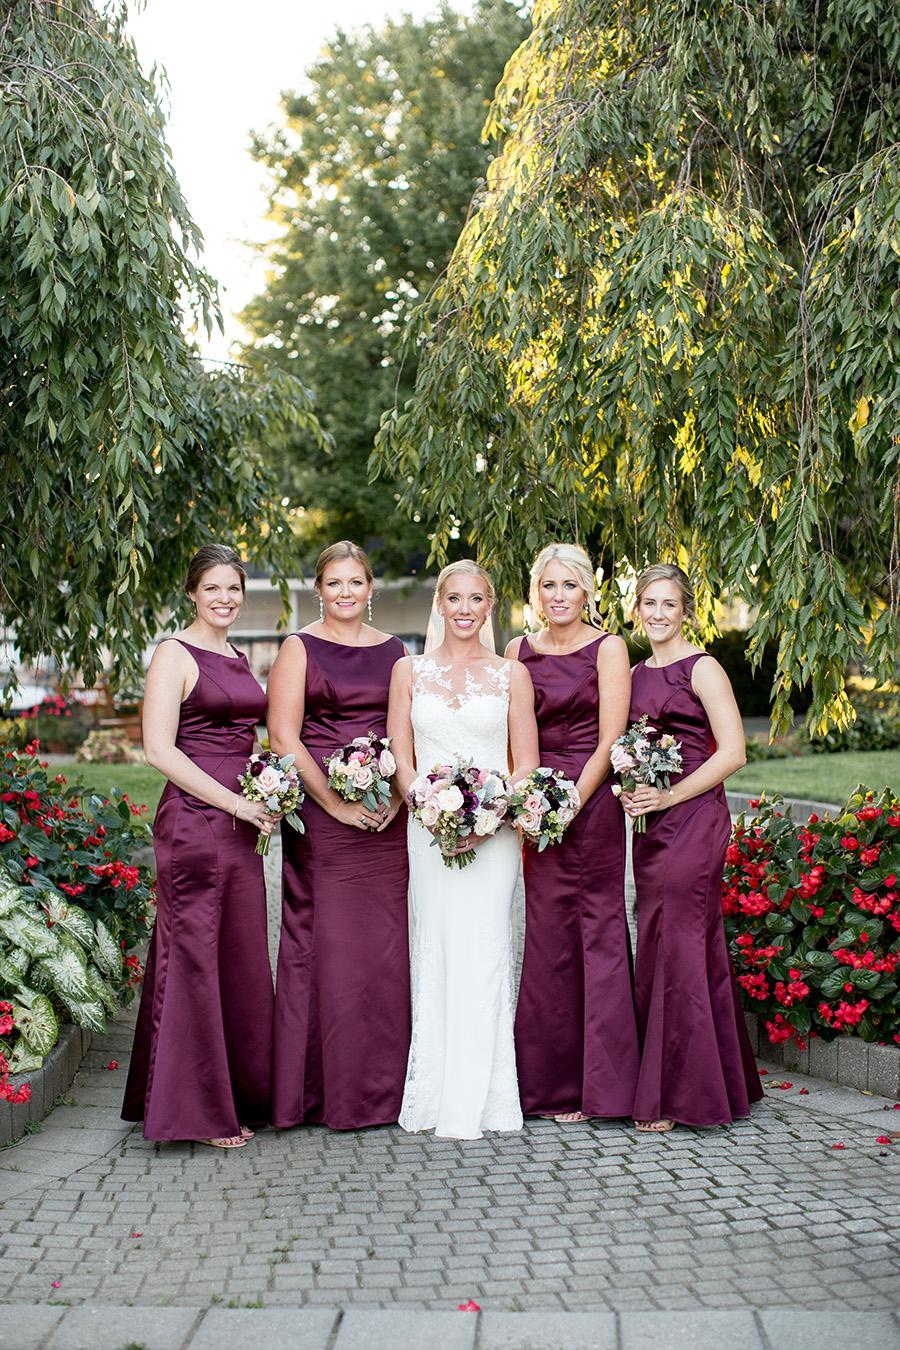 bridesmaids wear floor-length plum gowns